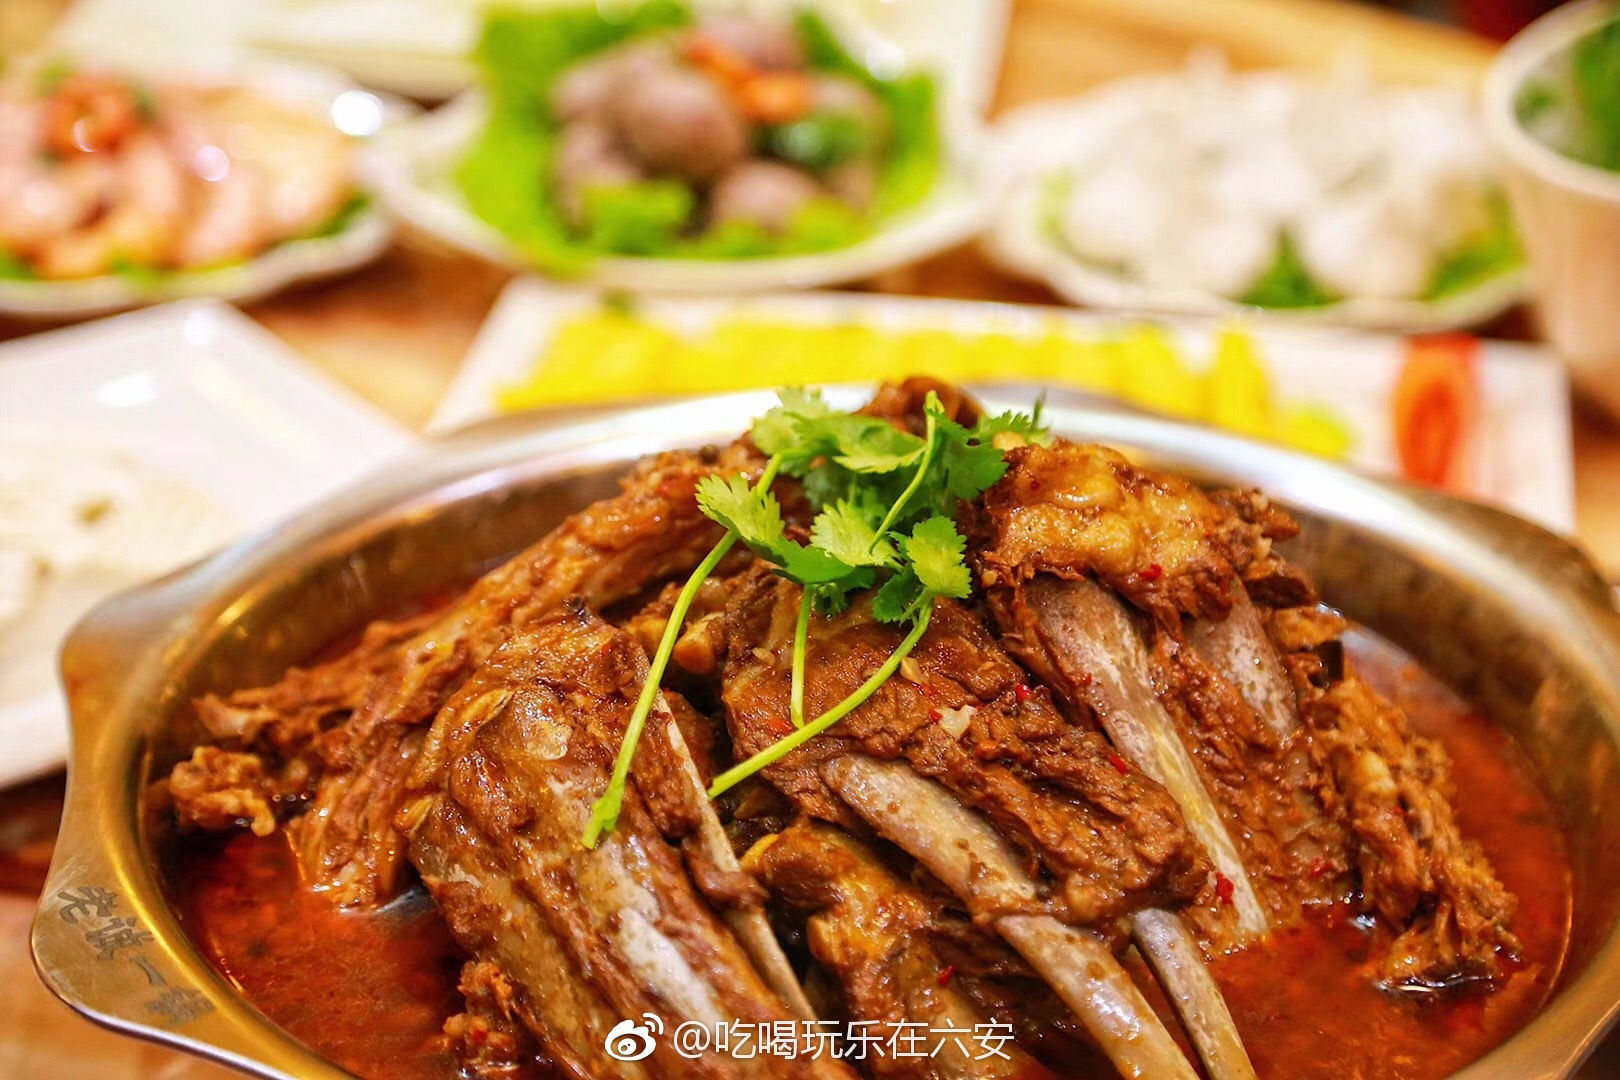 免费吃!a假体北上广的北京假体一锅羊老城隆鼻火锅蝎子可以吃鸭血吗图片